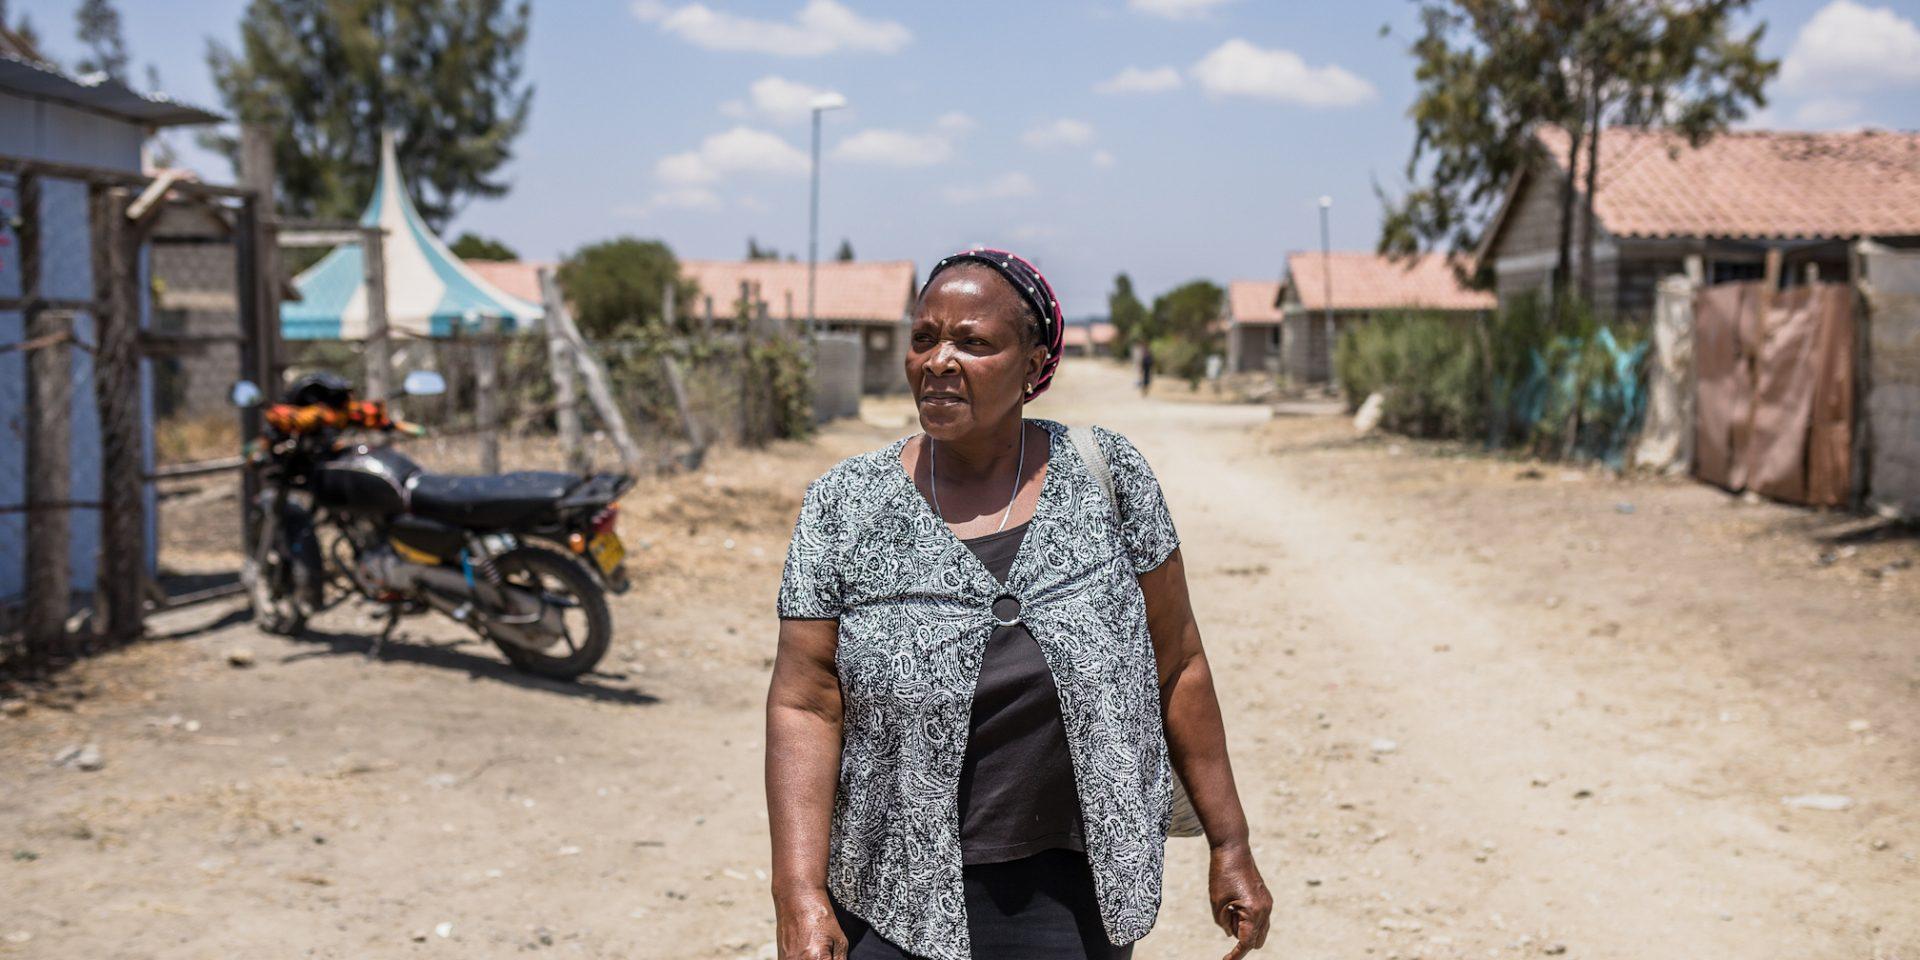 Claris Adiambo, bor i ett bostadsområde i Kenya byggt för fattiga människor med pengar från svenska kyrkor. Hon är orolig för vad som kommer hända om allt faller samman.